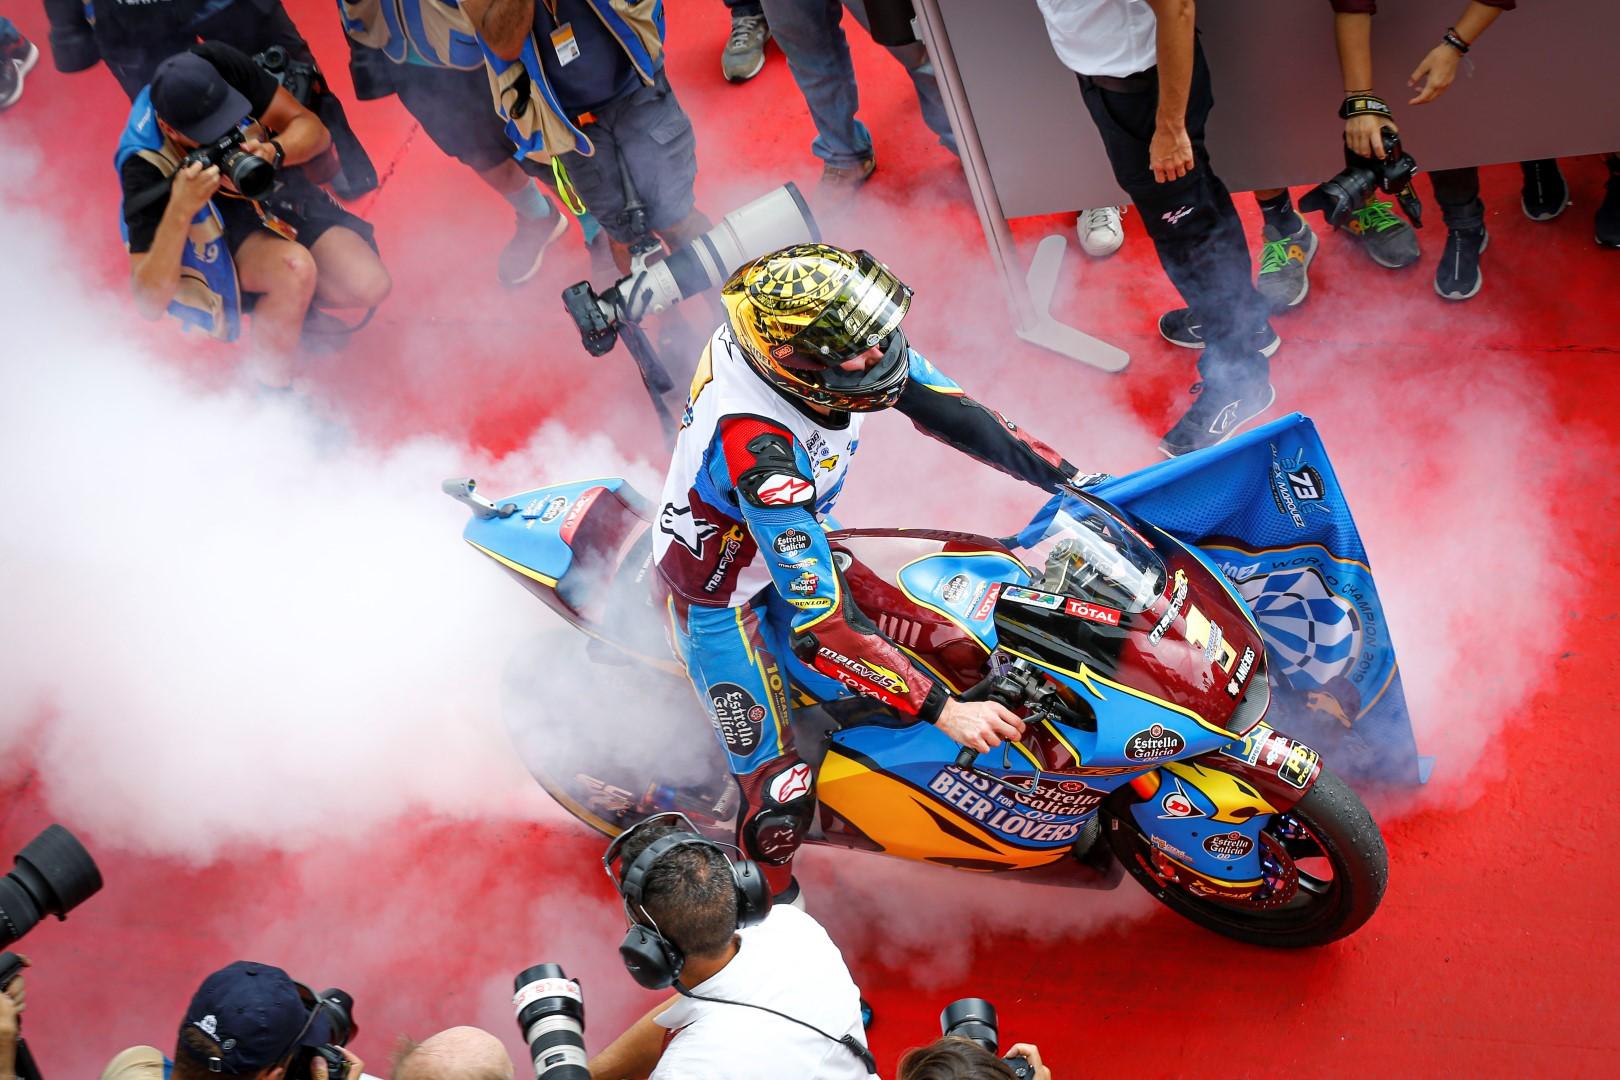 Lo mejor del año en deporte: Moto2 / Moto3